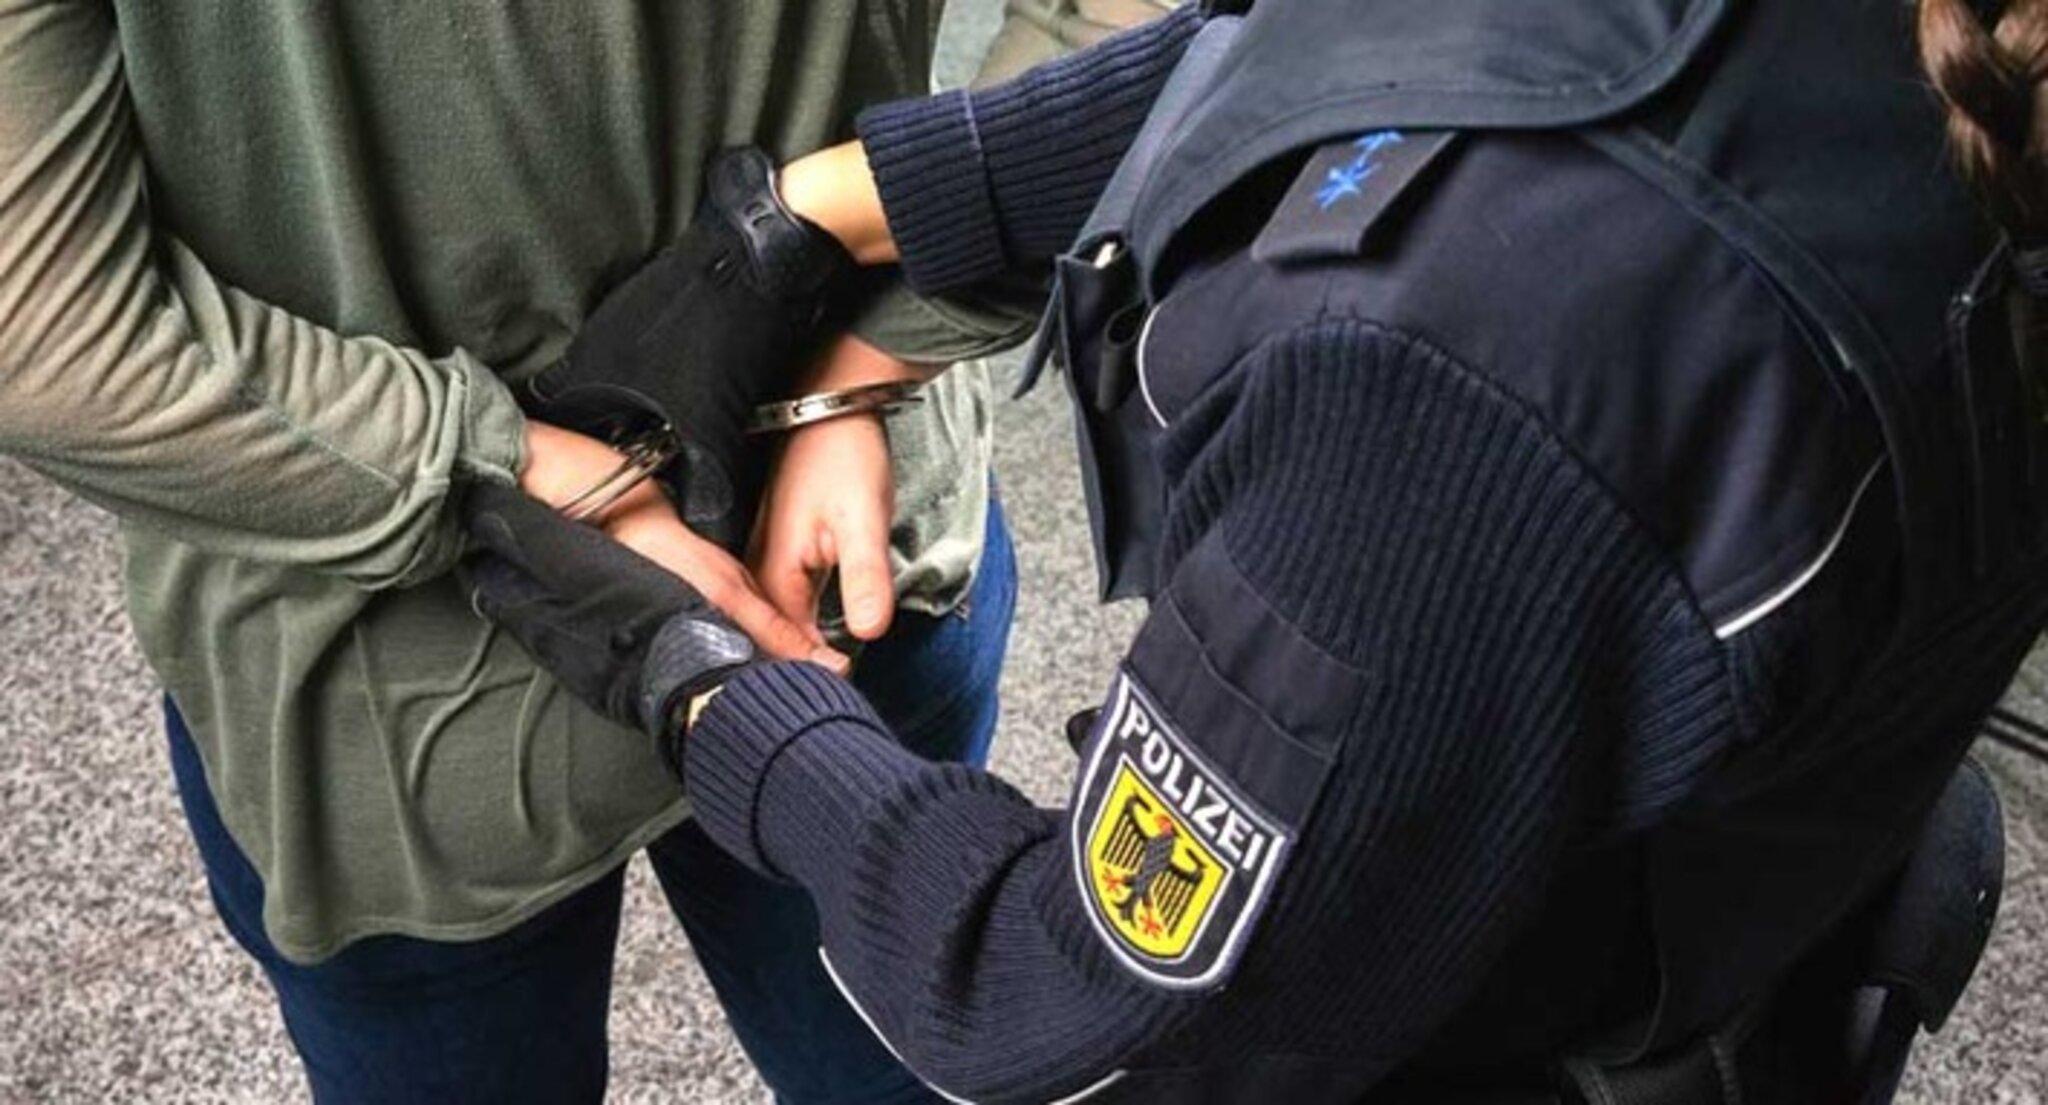 Mann onaniert vor 25-Jähriger - Bundespolizei ermittelt